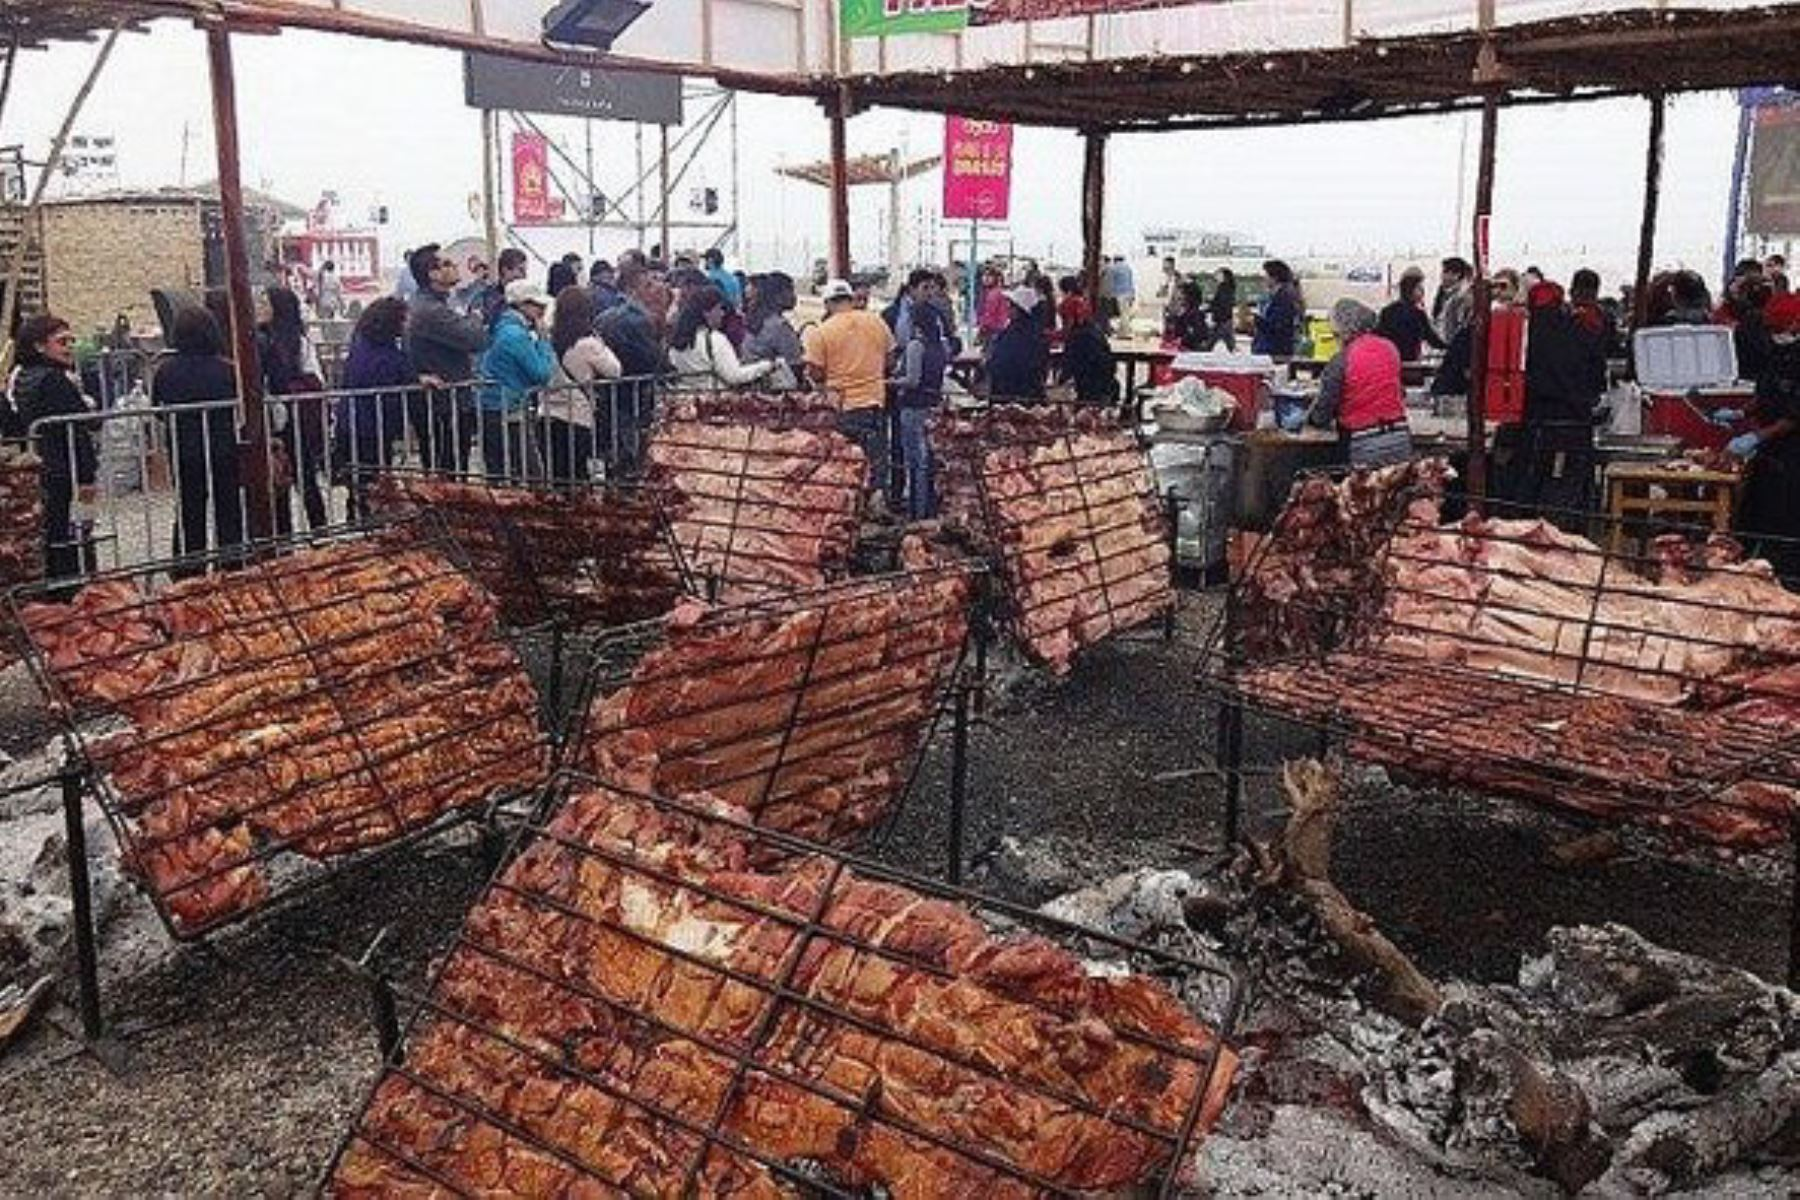 Festival del chancho al palo de Huaral registró 67,000 visitantes y batió récord de asistencia.Foto:  ANDINA/Difusión